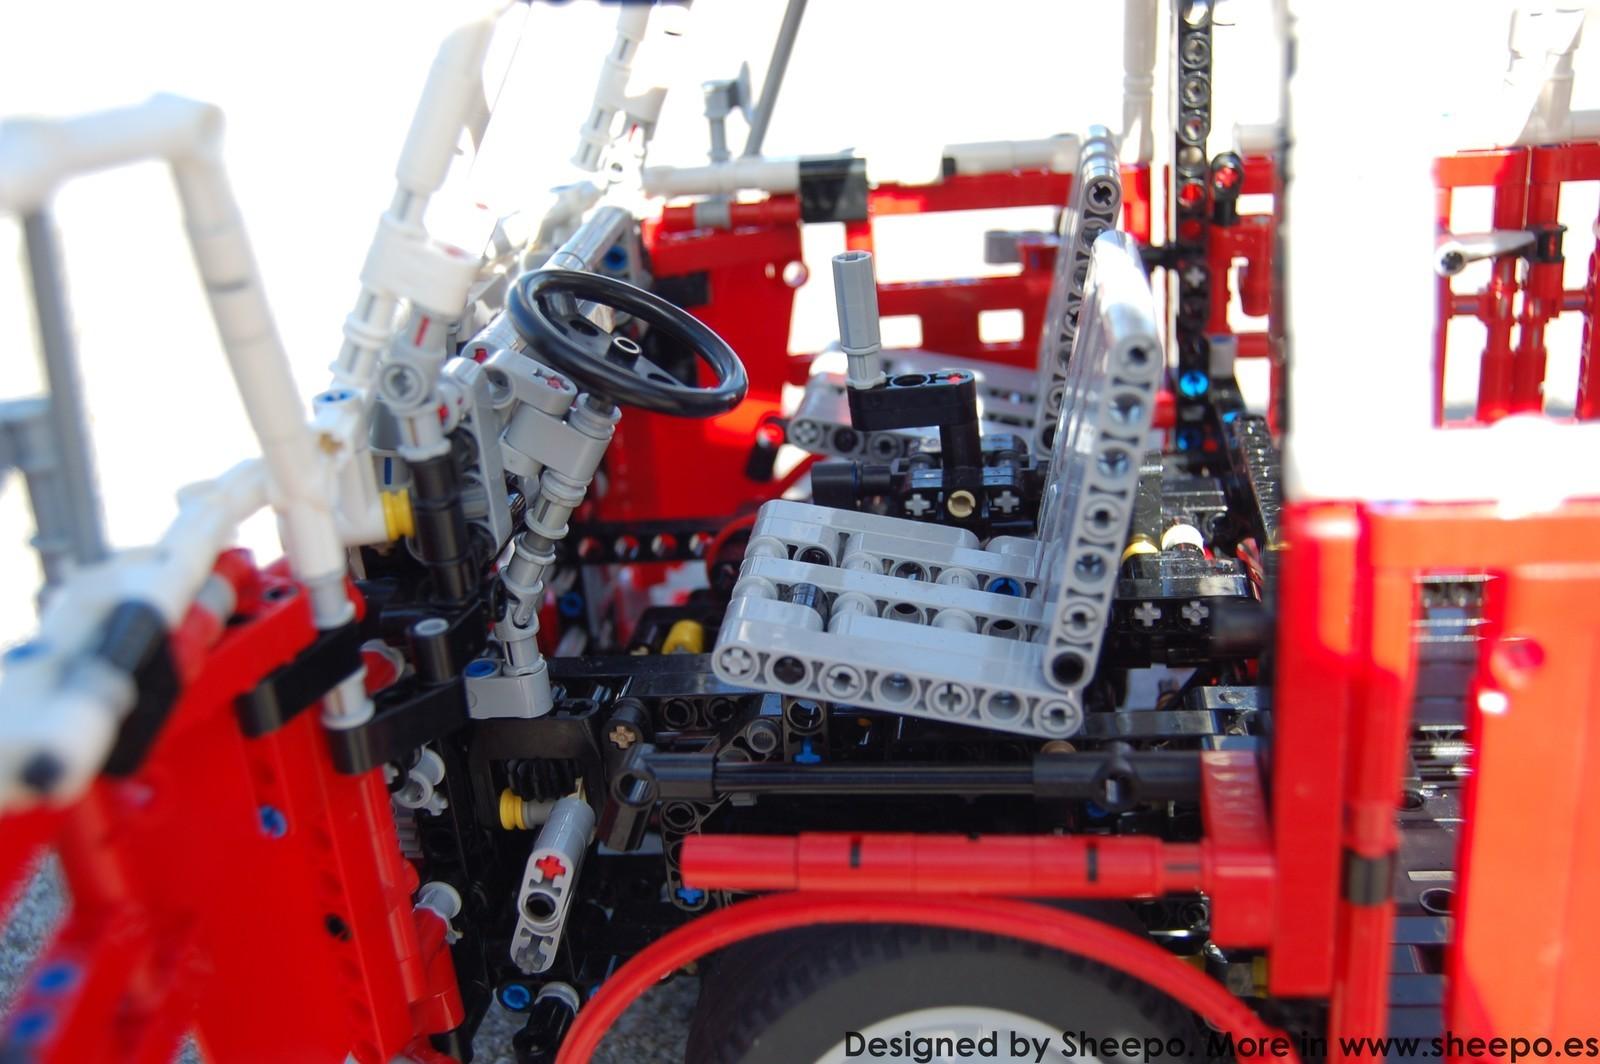 Foto de Diseños de Sheepo en Lego (31/37)